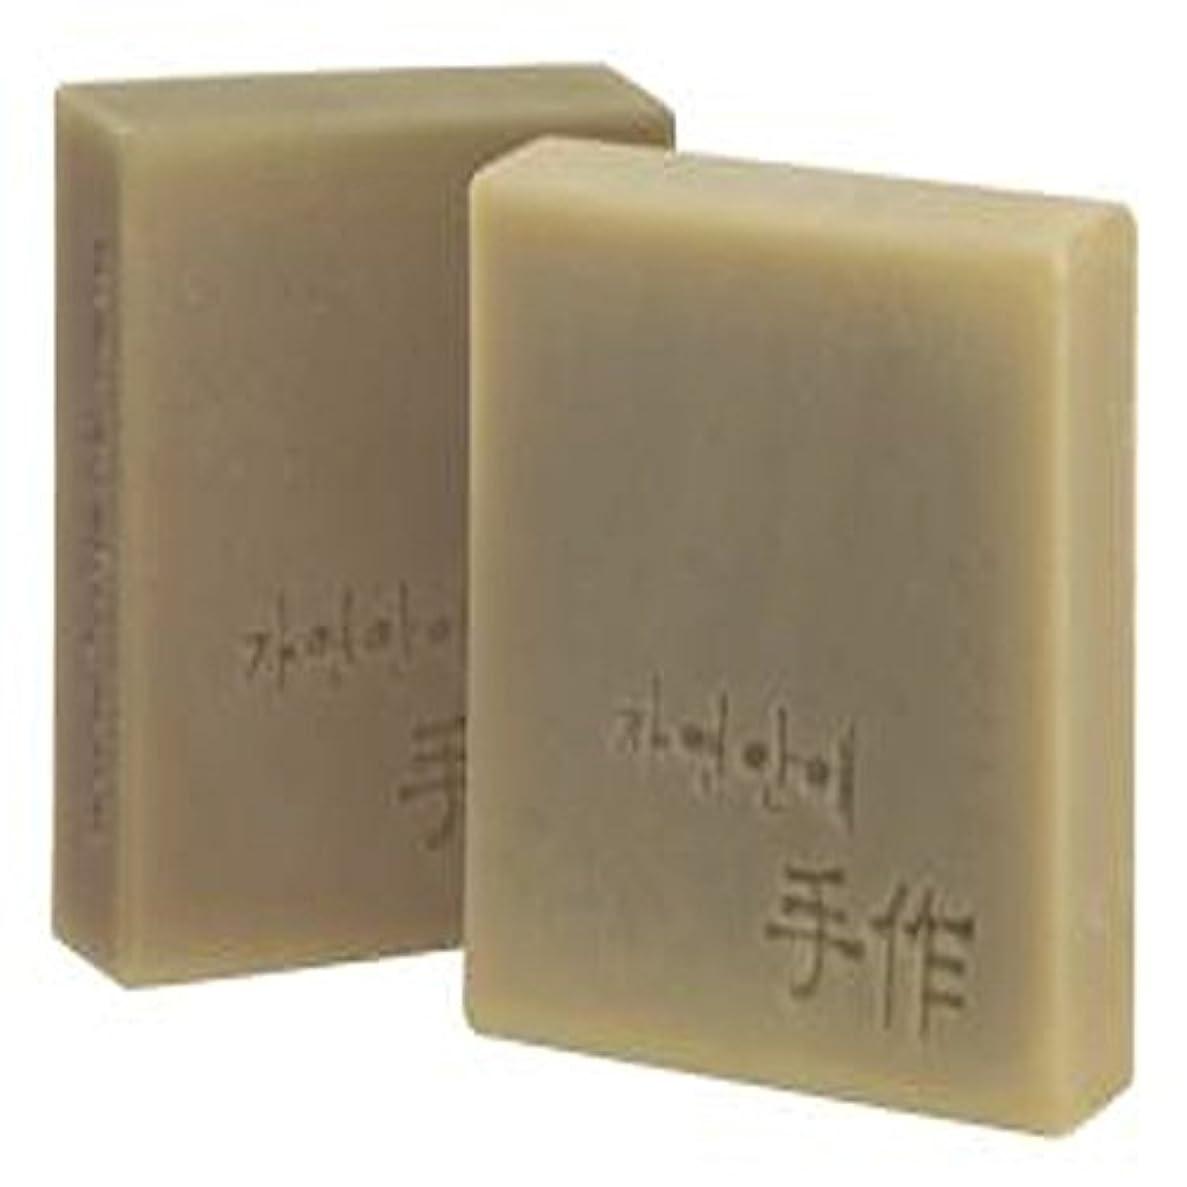 統計タイムリーな浅いNatural organic 有機天然ソープ 固形 無添加 洗顔せっけんクレンジング 石鹸 [並行輸入品] (清州)